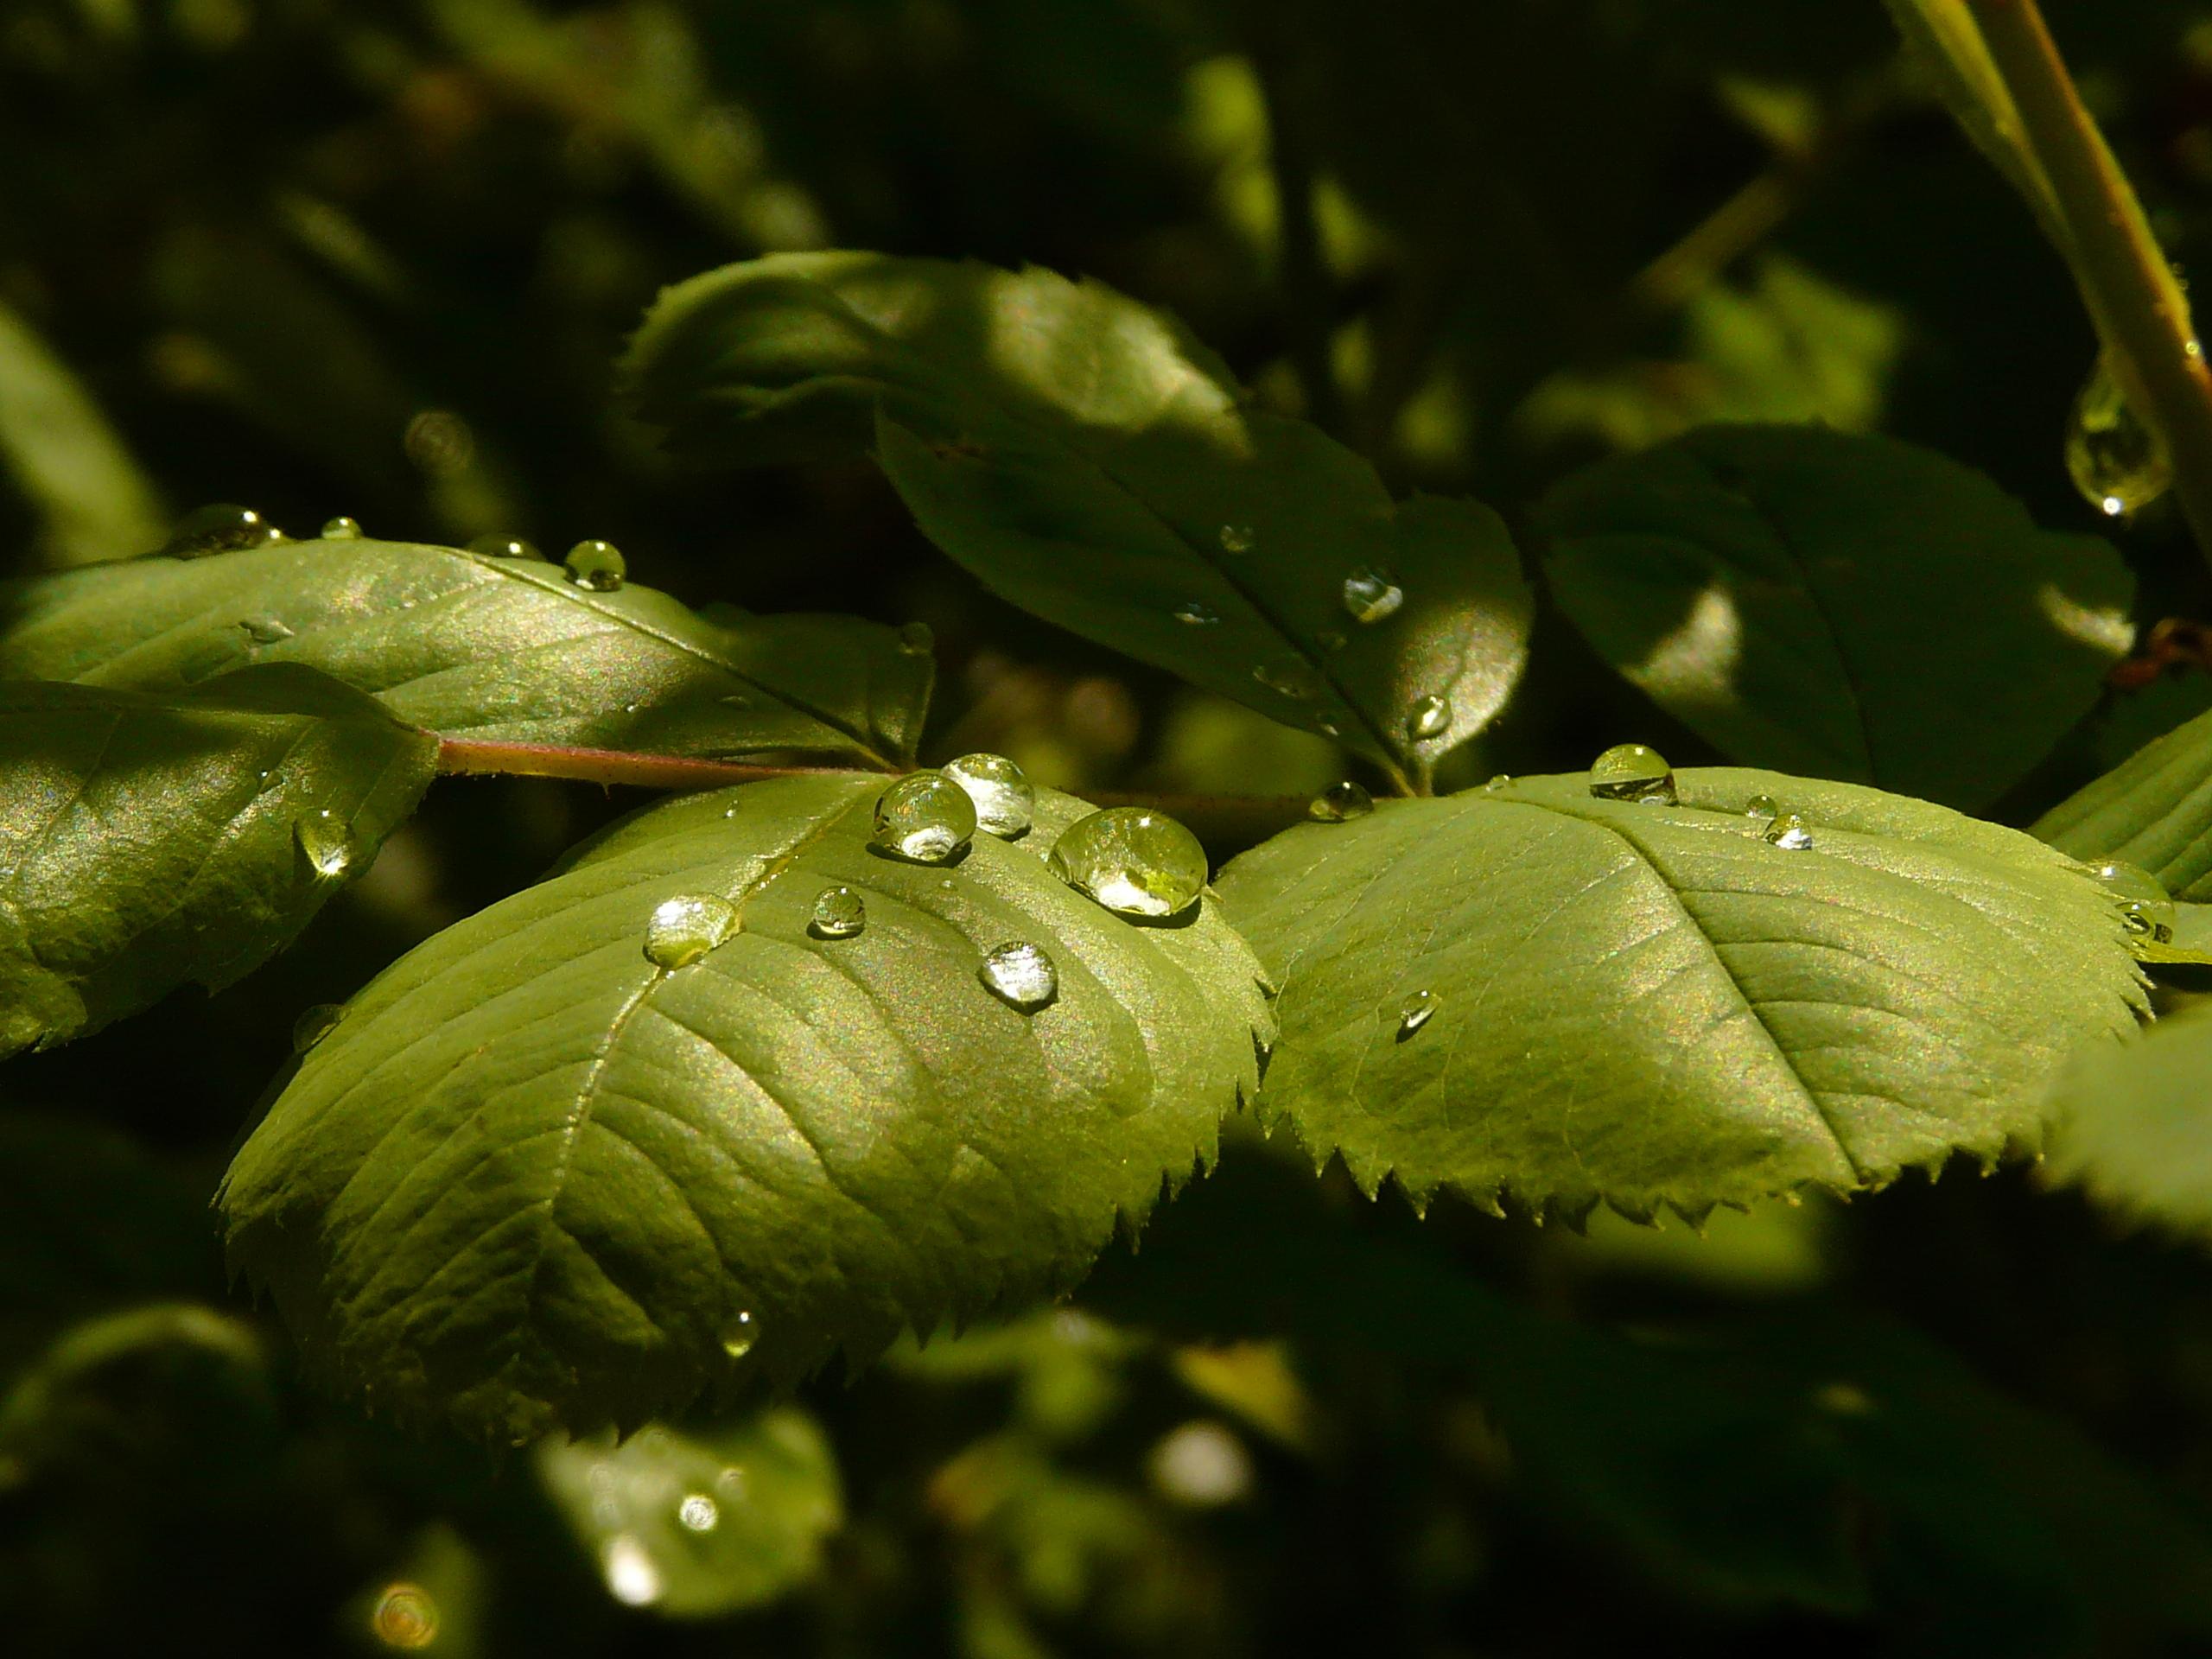 будущим картинки с каплями на растении подойдет сапогам-ботфортам